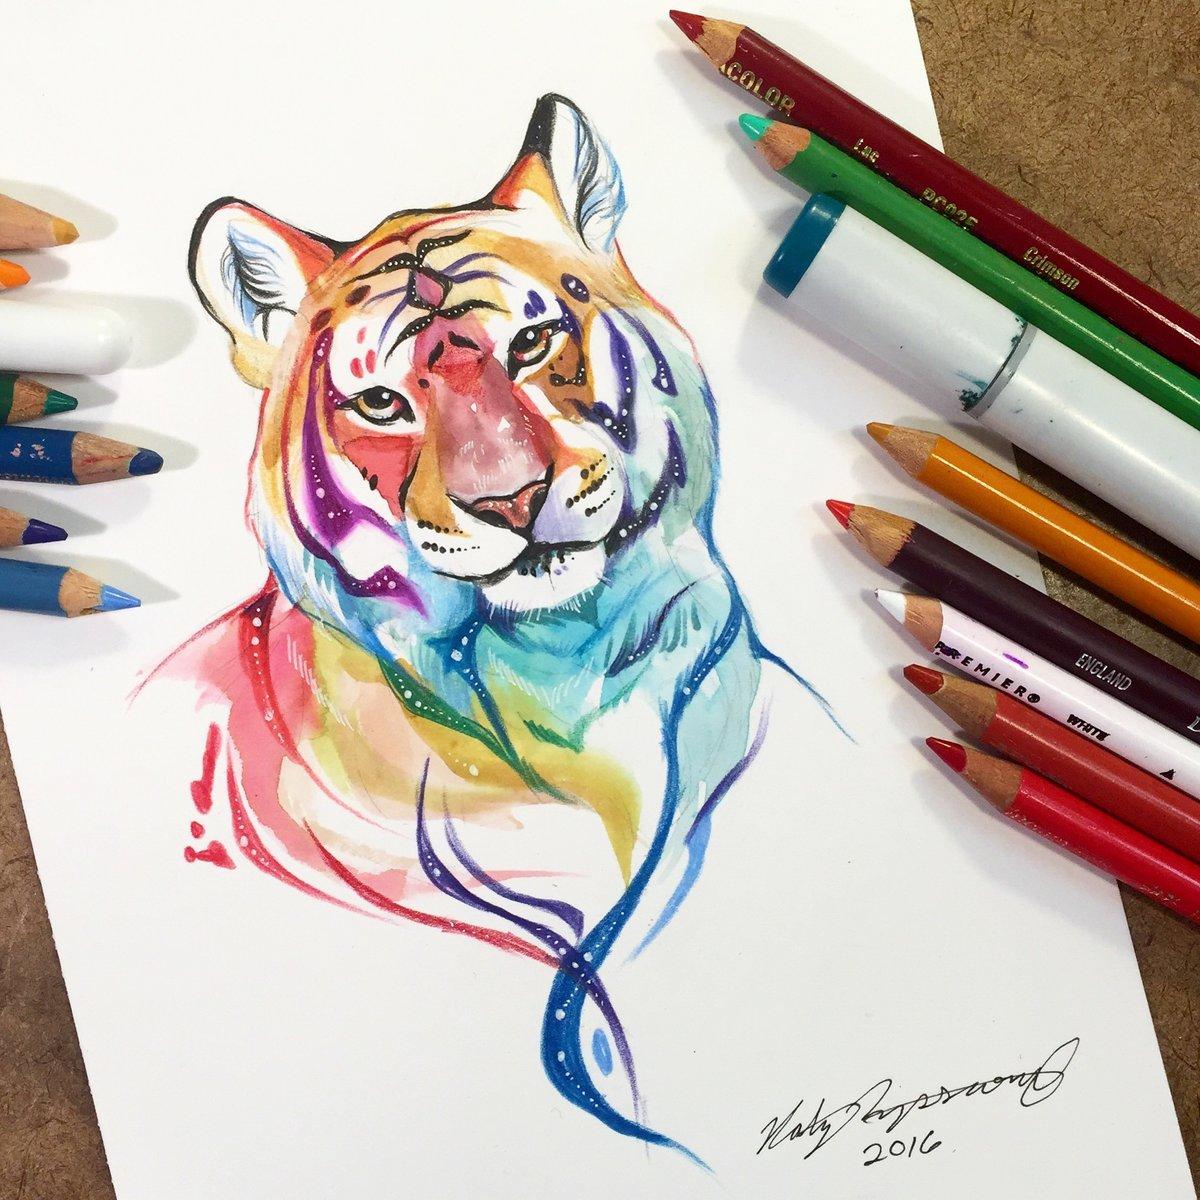 картинки рисовать фломастерами и карандашами пользуется популярностью